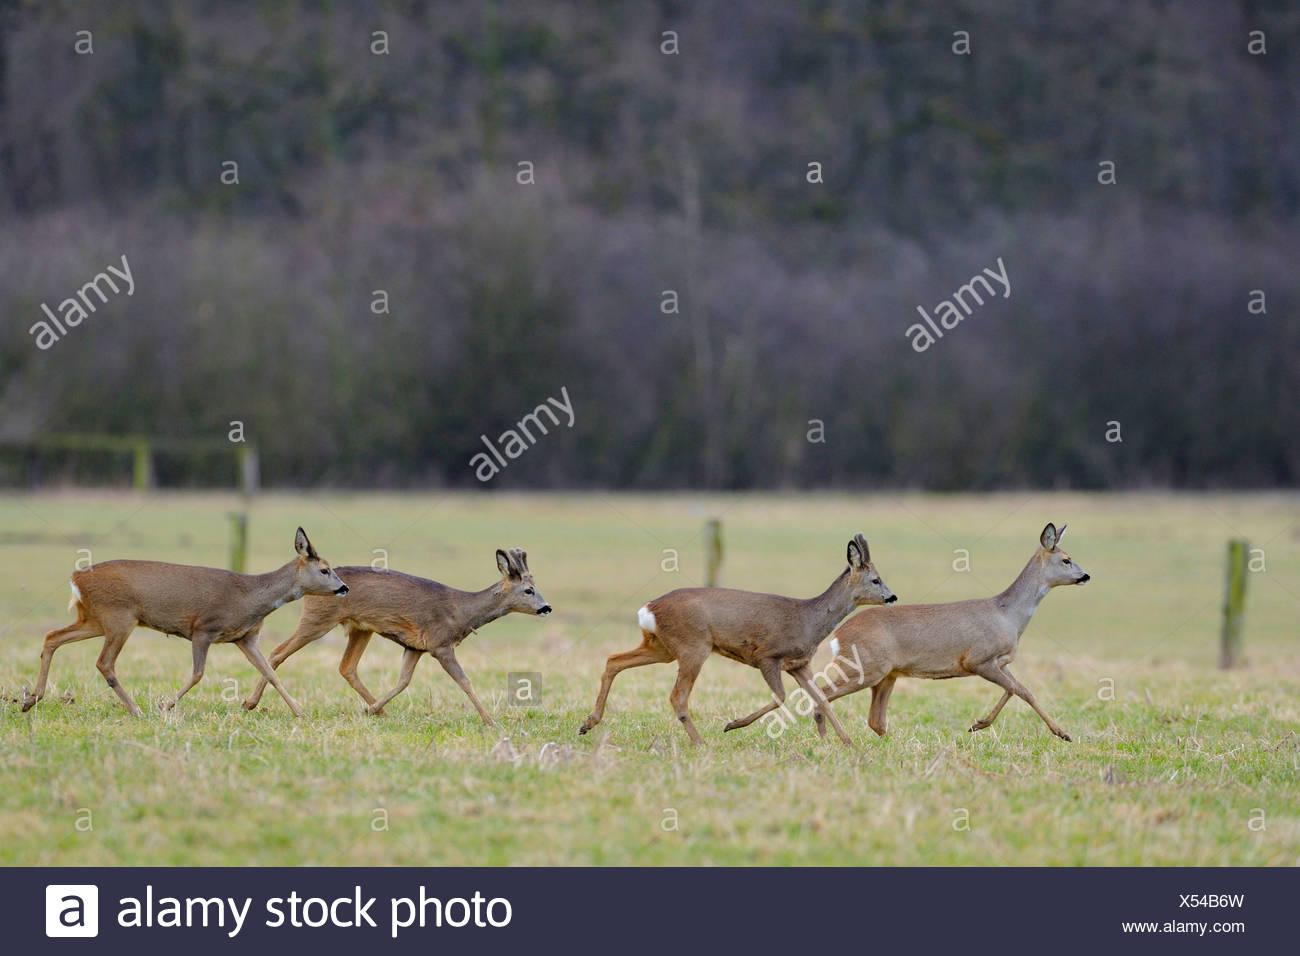 roe deer (Capreolus capreolus), pack crossing a meadow, Germany - Stock Image